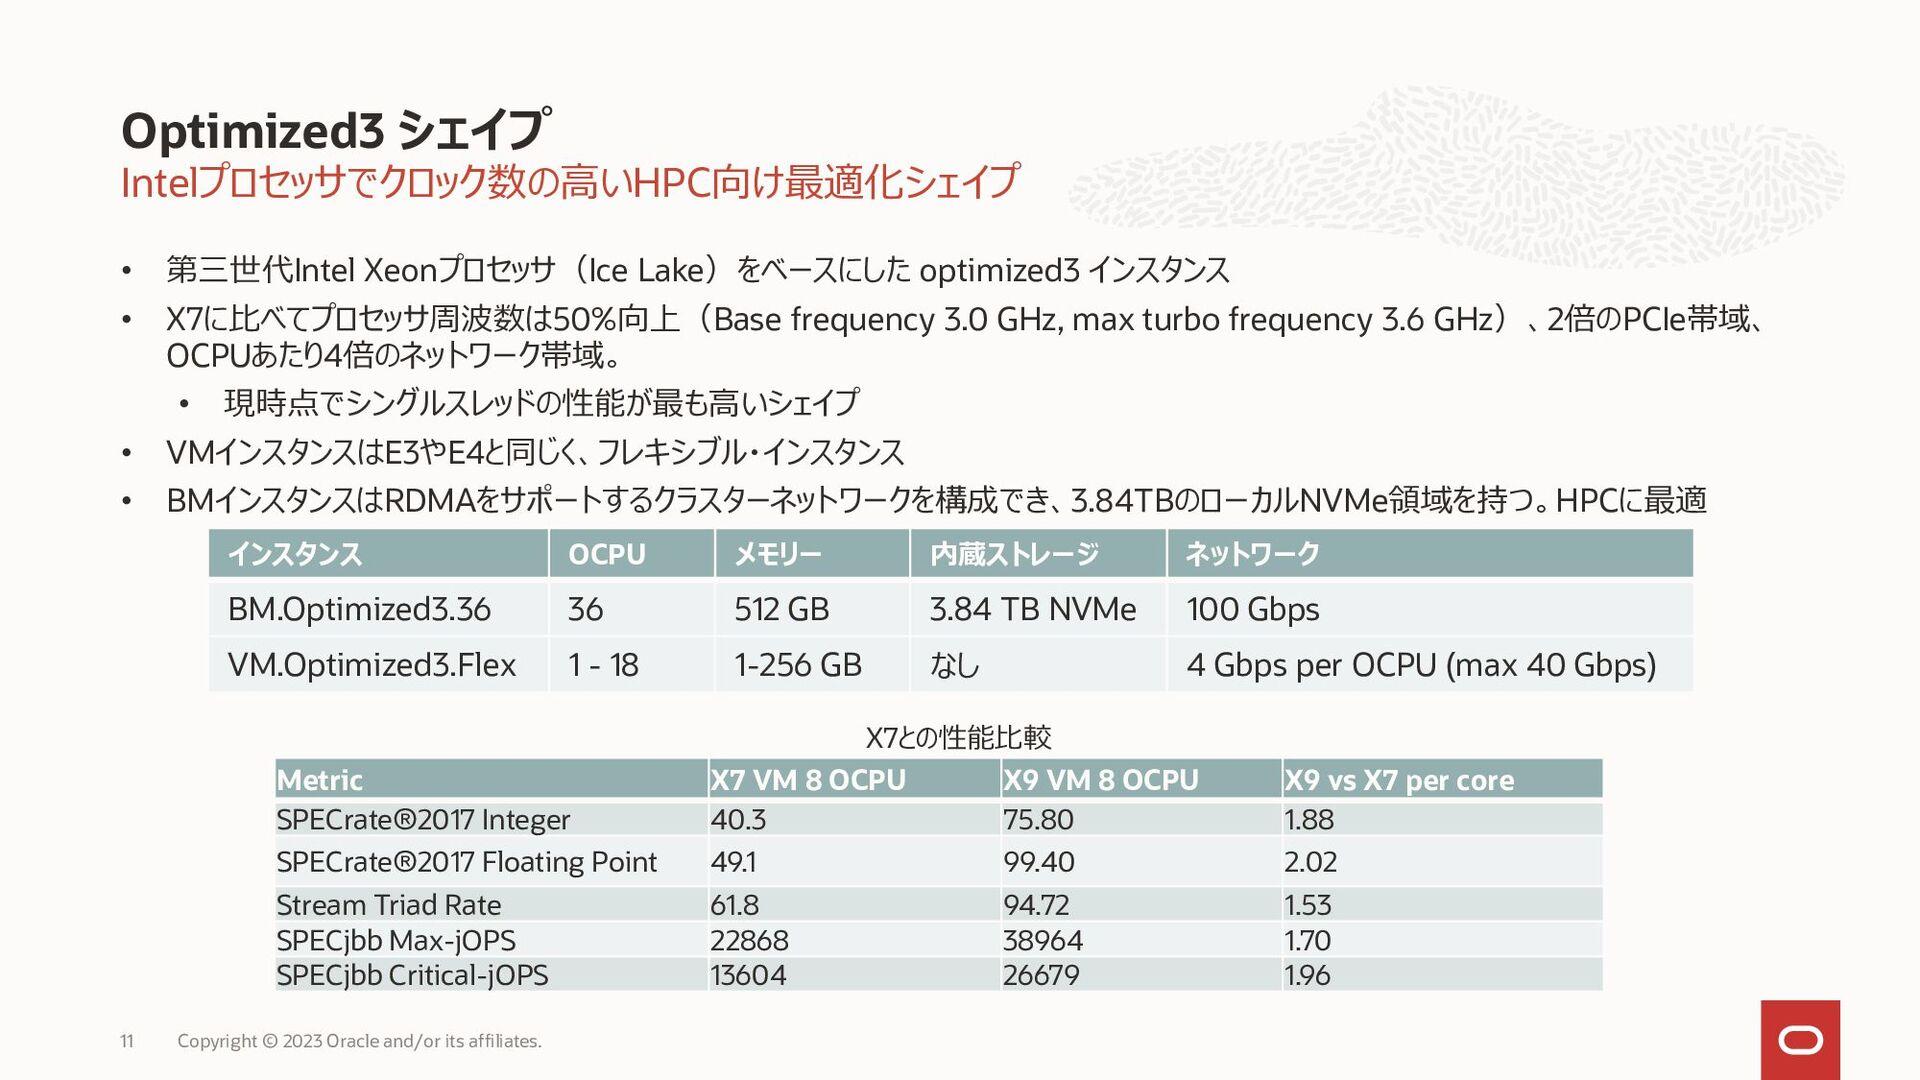 AI、HPC、およびグラフィックスを高速化するGPUを配備 コンピュート: GPU インスタン...